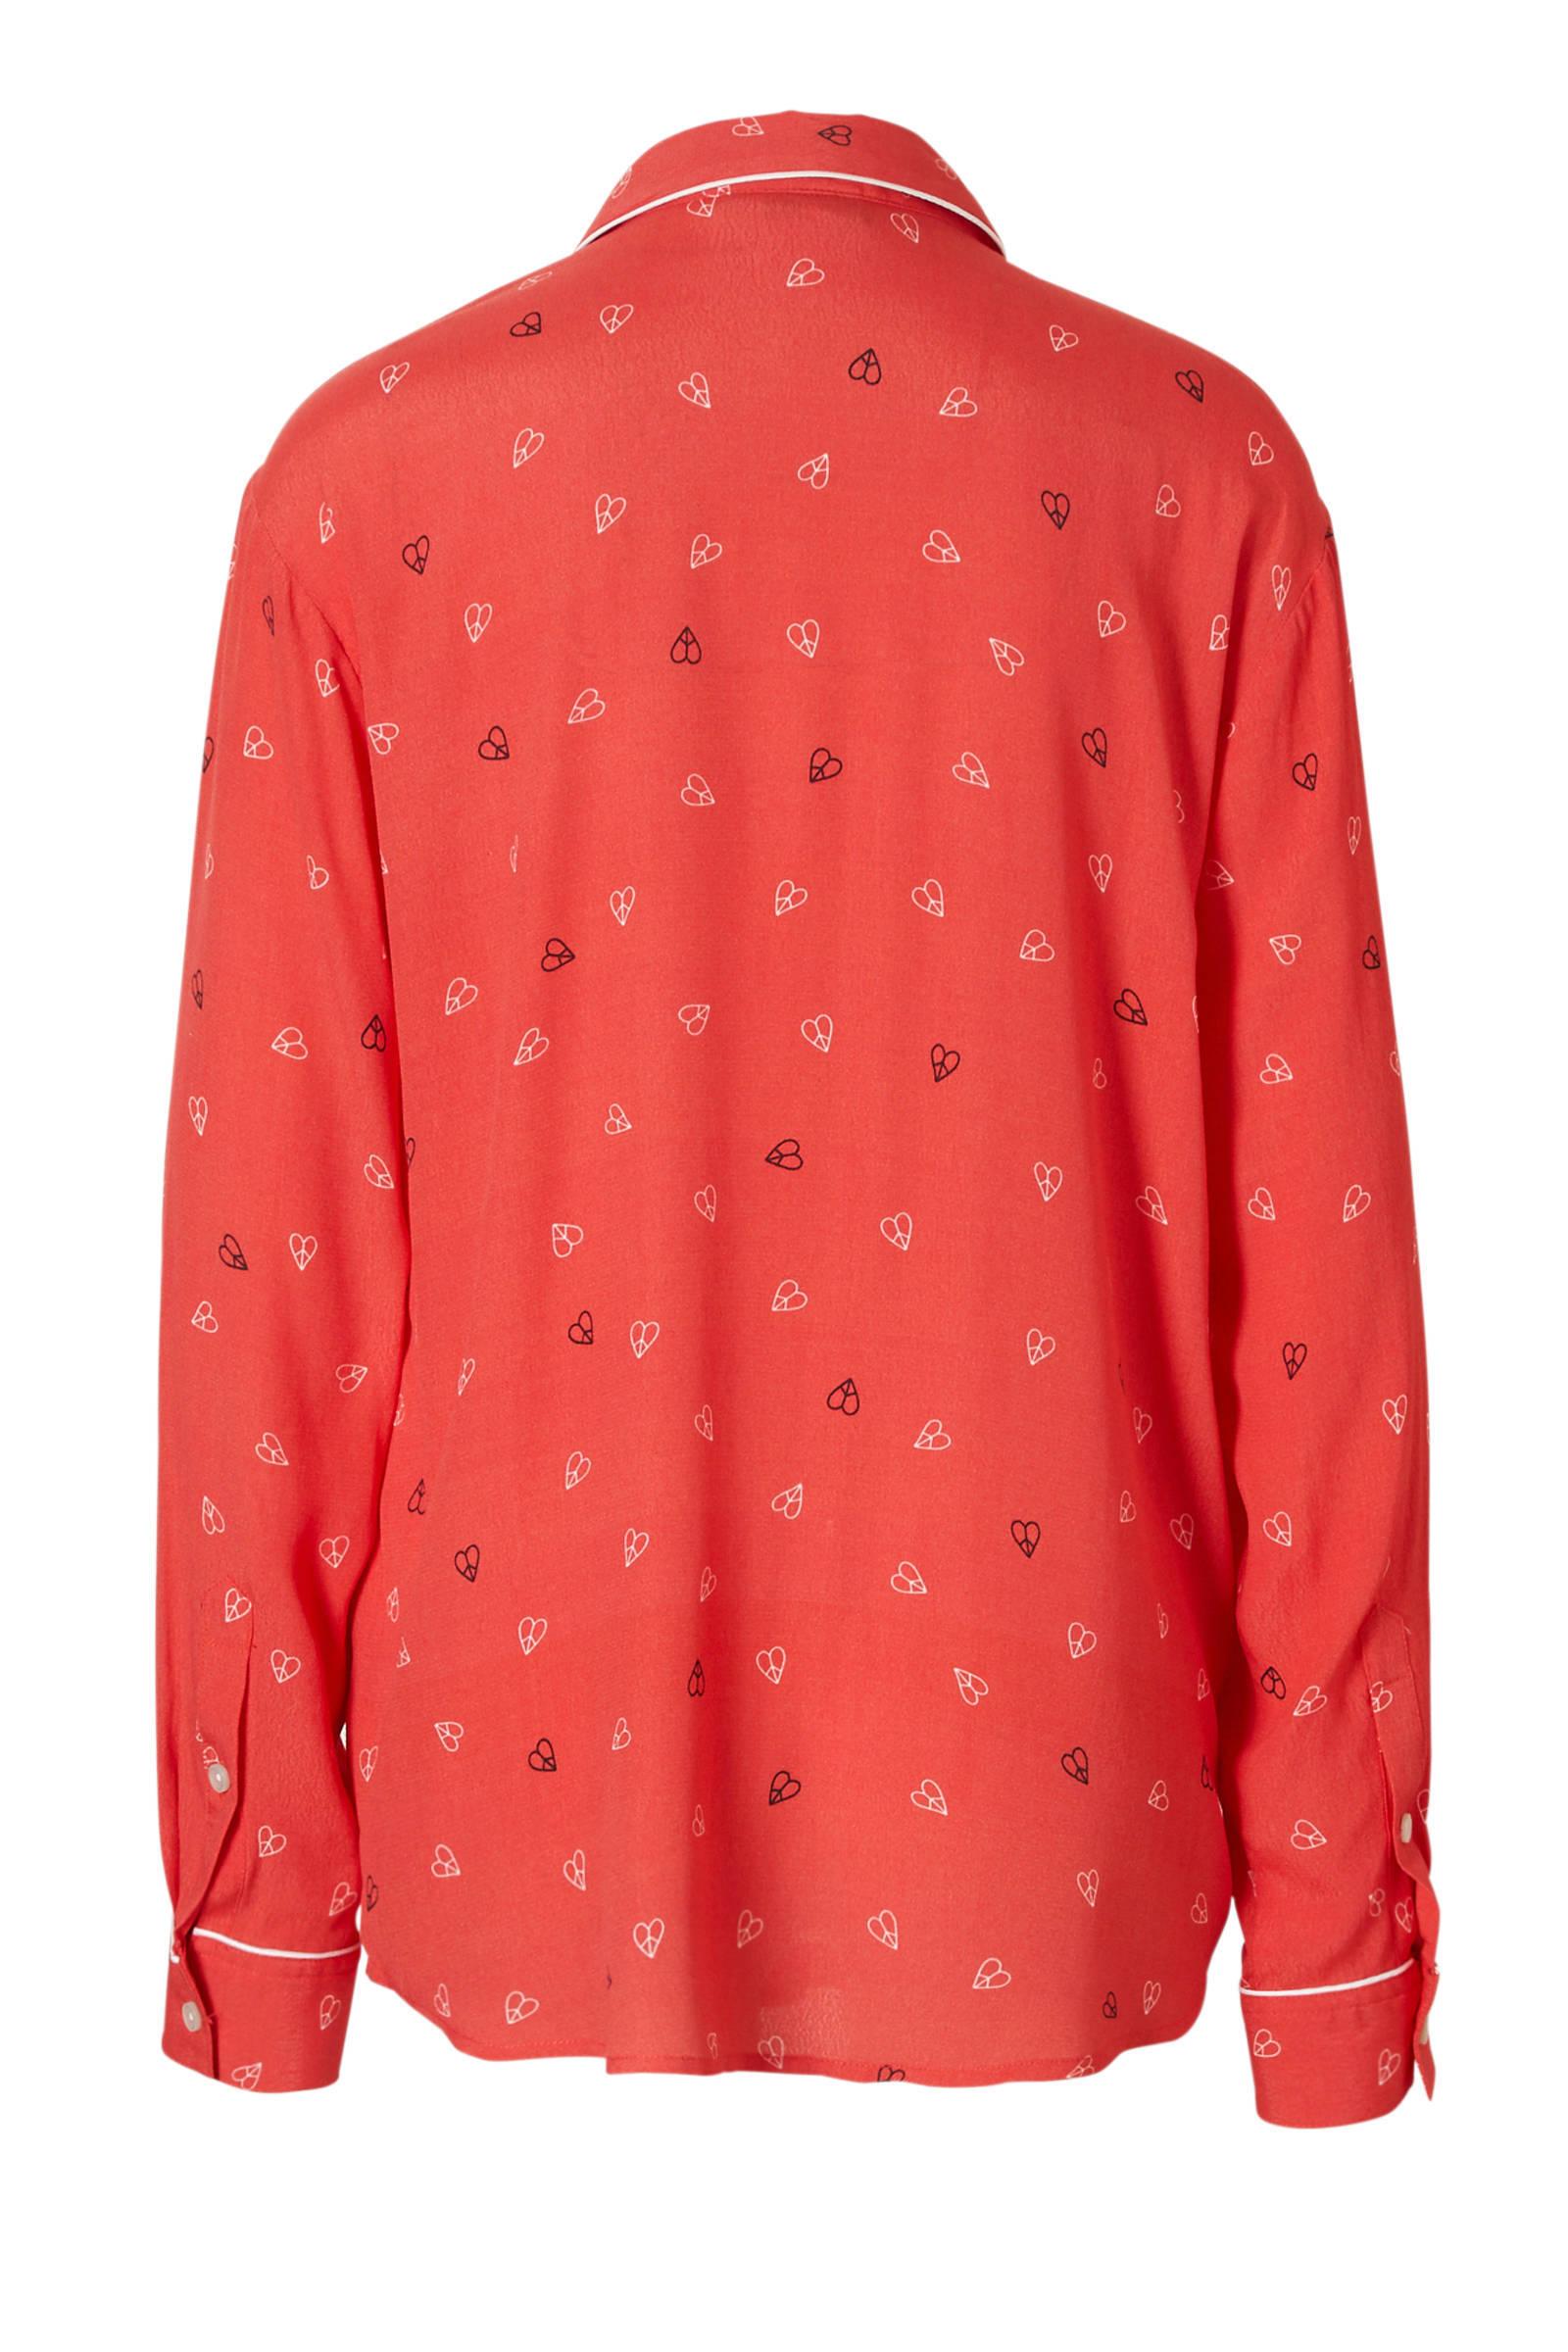 Catwalk Junkie blouse Catwalk Junkie Catwalk Junkie blouse blouse rqtTrU